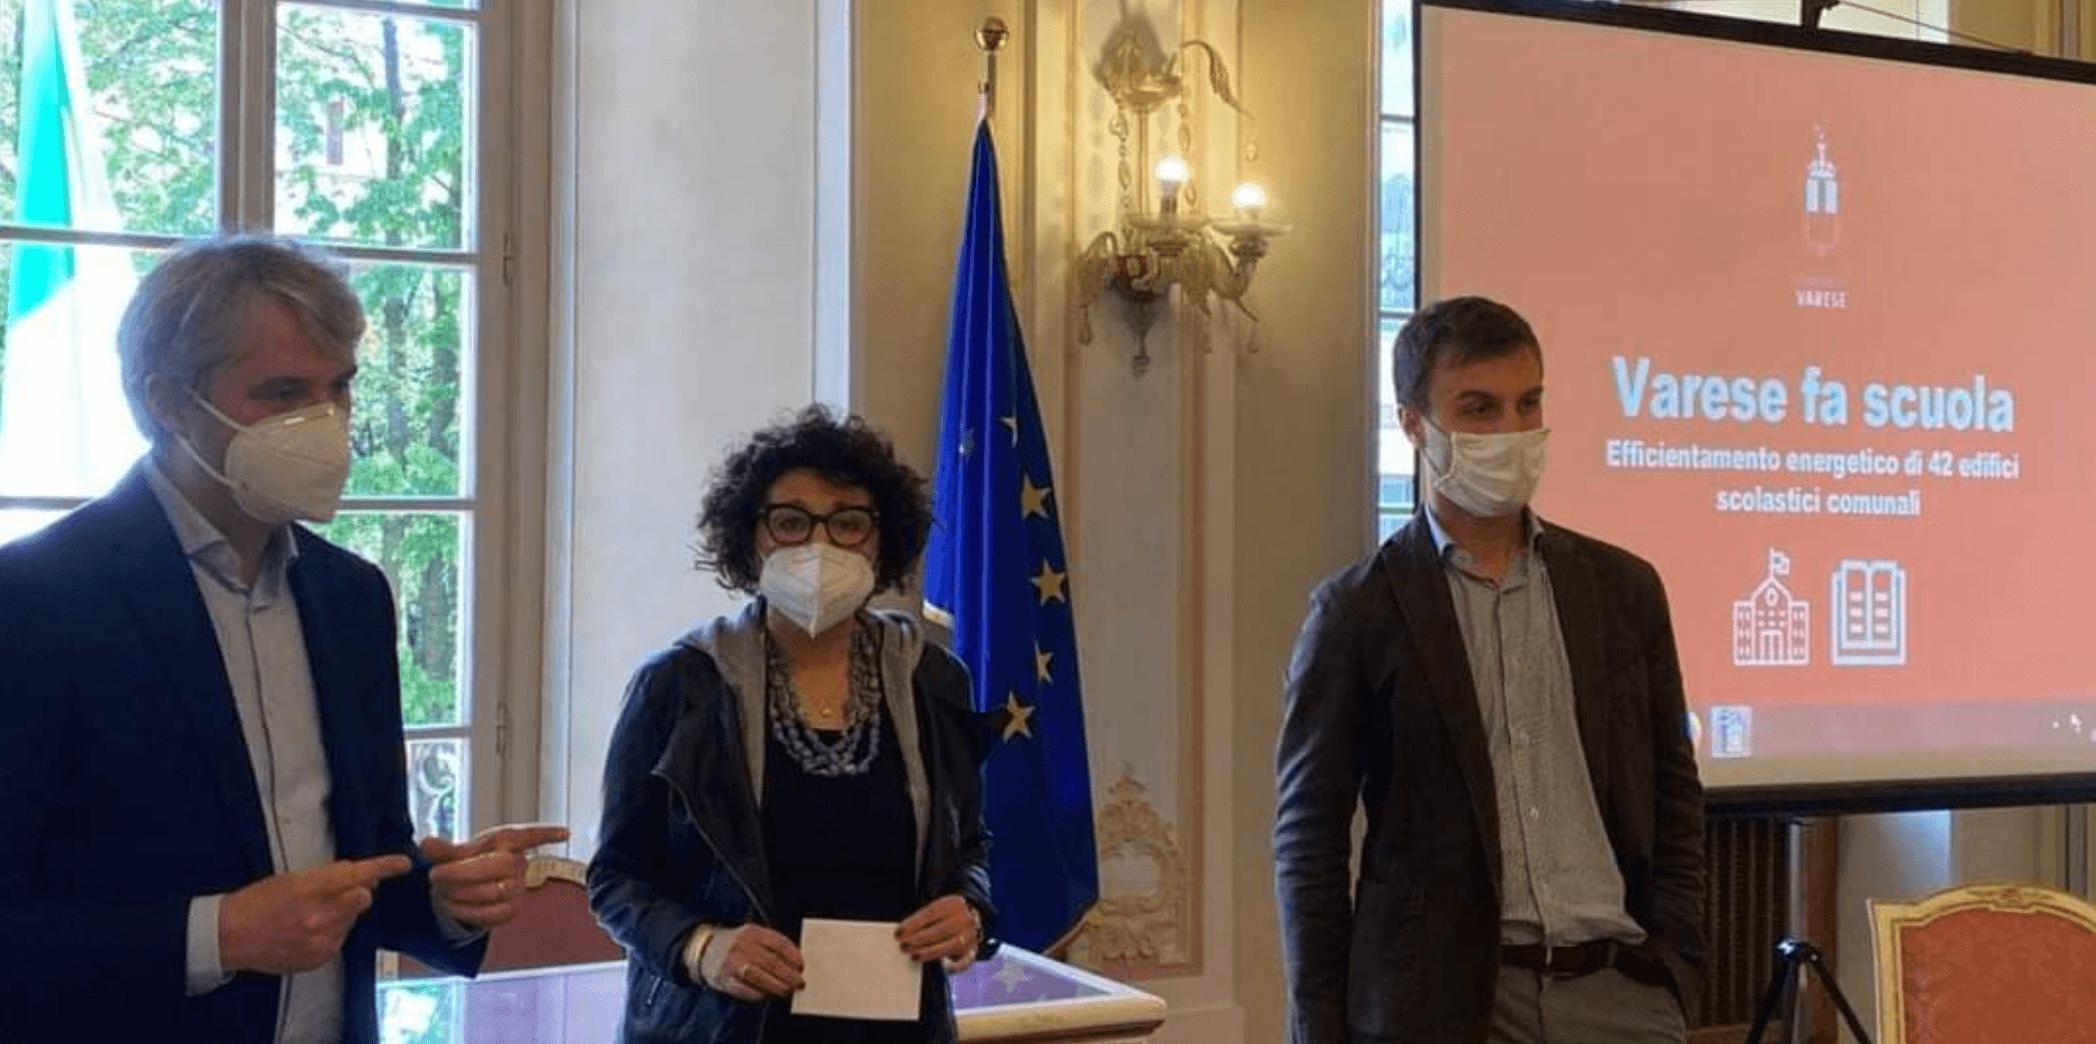 Varese fa scuola 2021